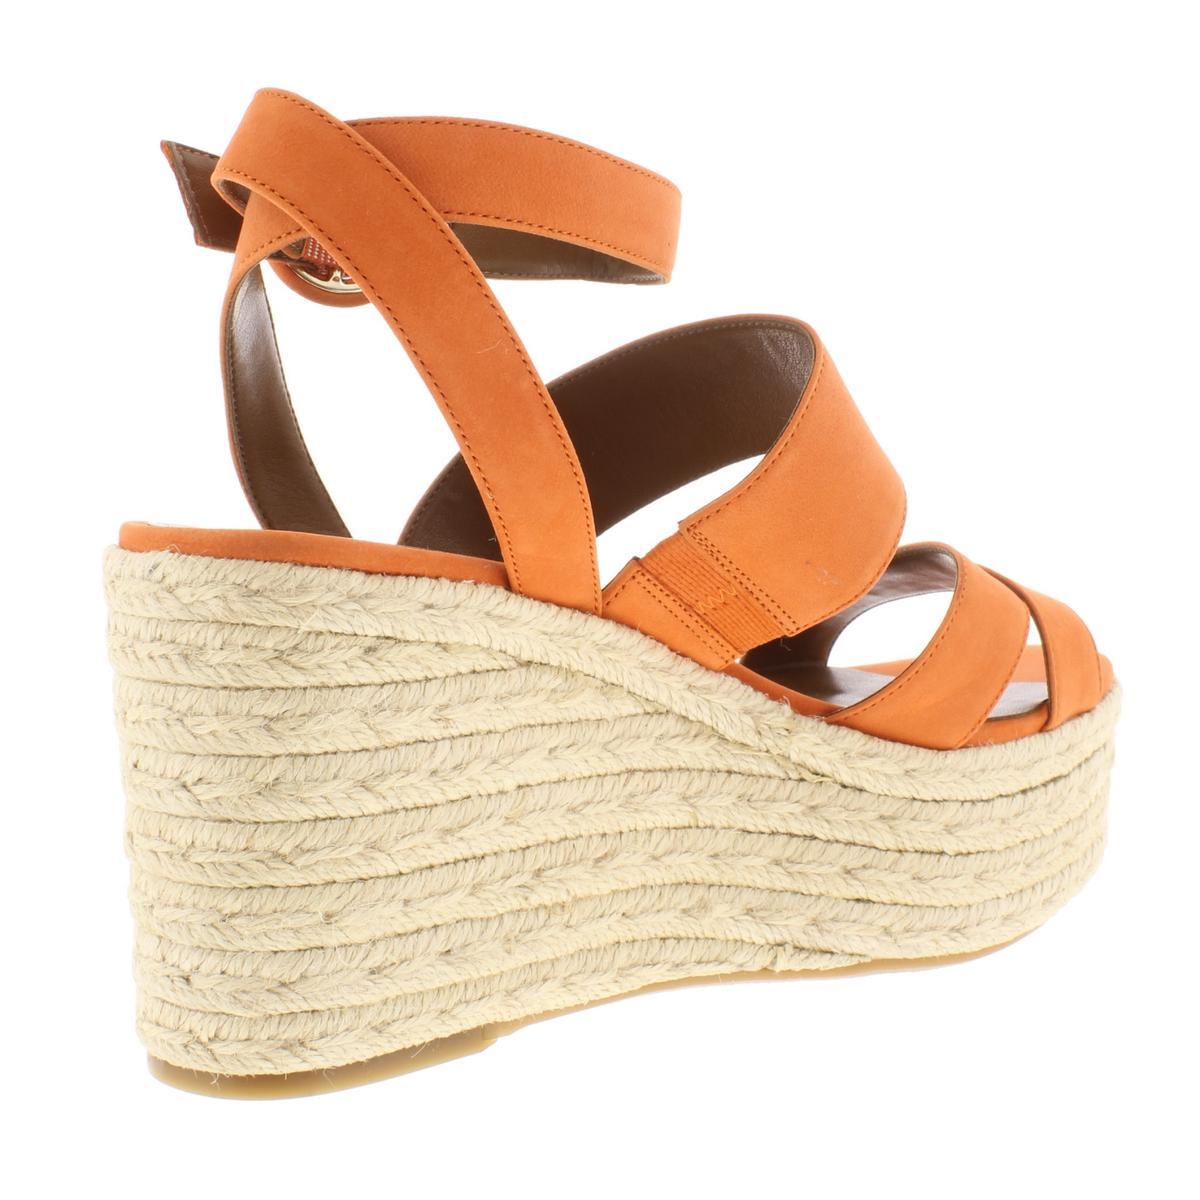 Nine-West-Womens-Kushala-Nubuck-Espadrille-Wedge-Sandals-Shoes-BHFO-7013 thumbnail 10